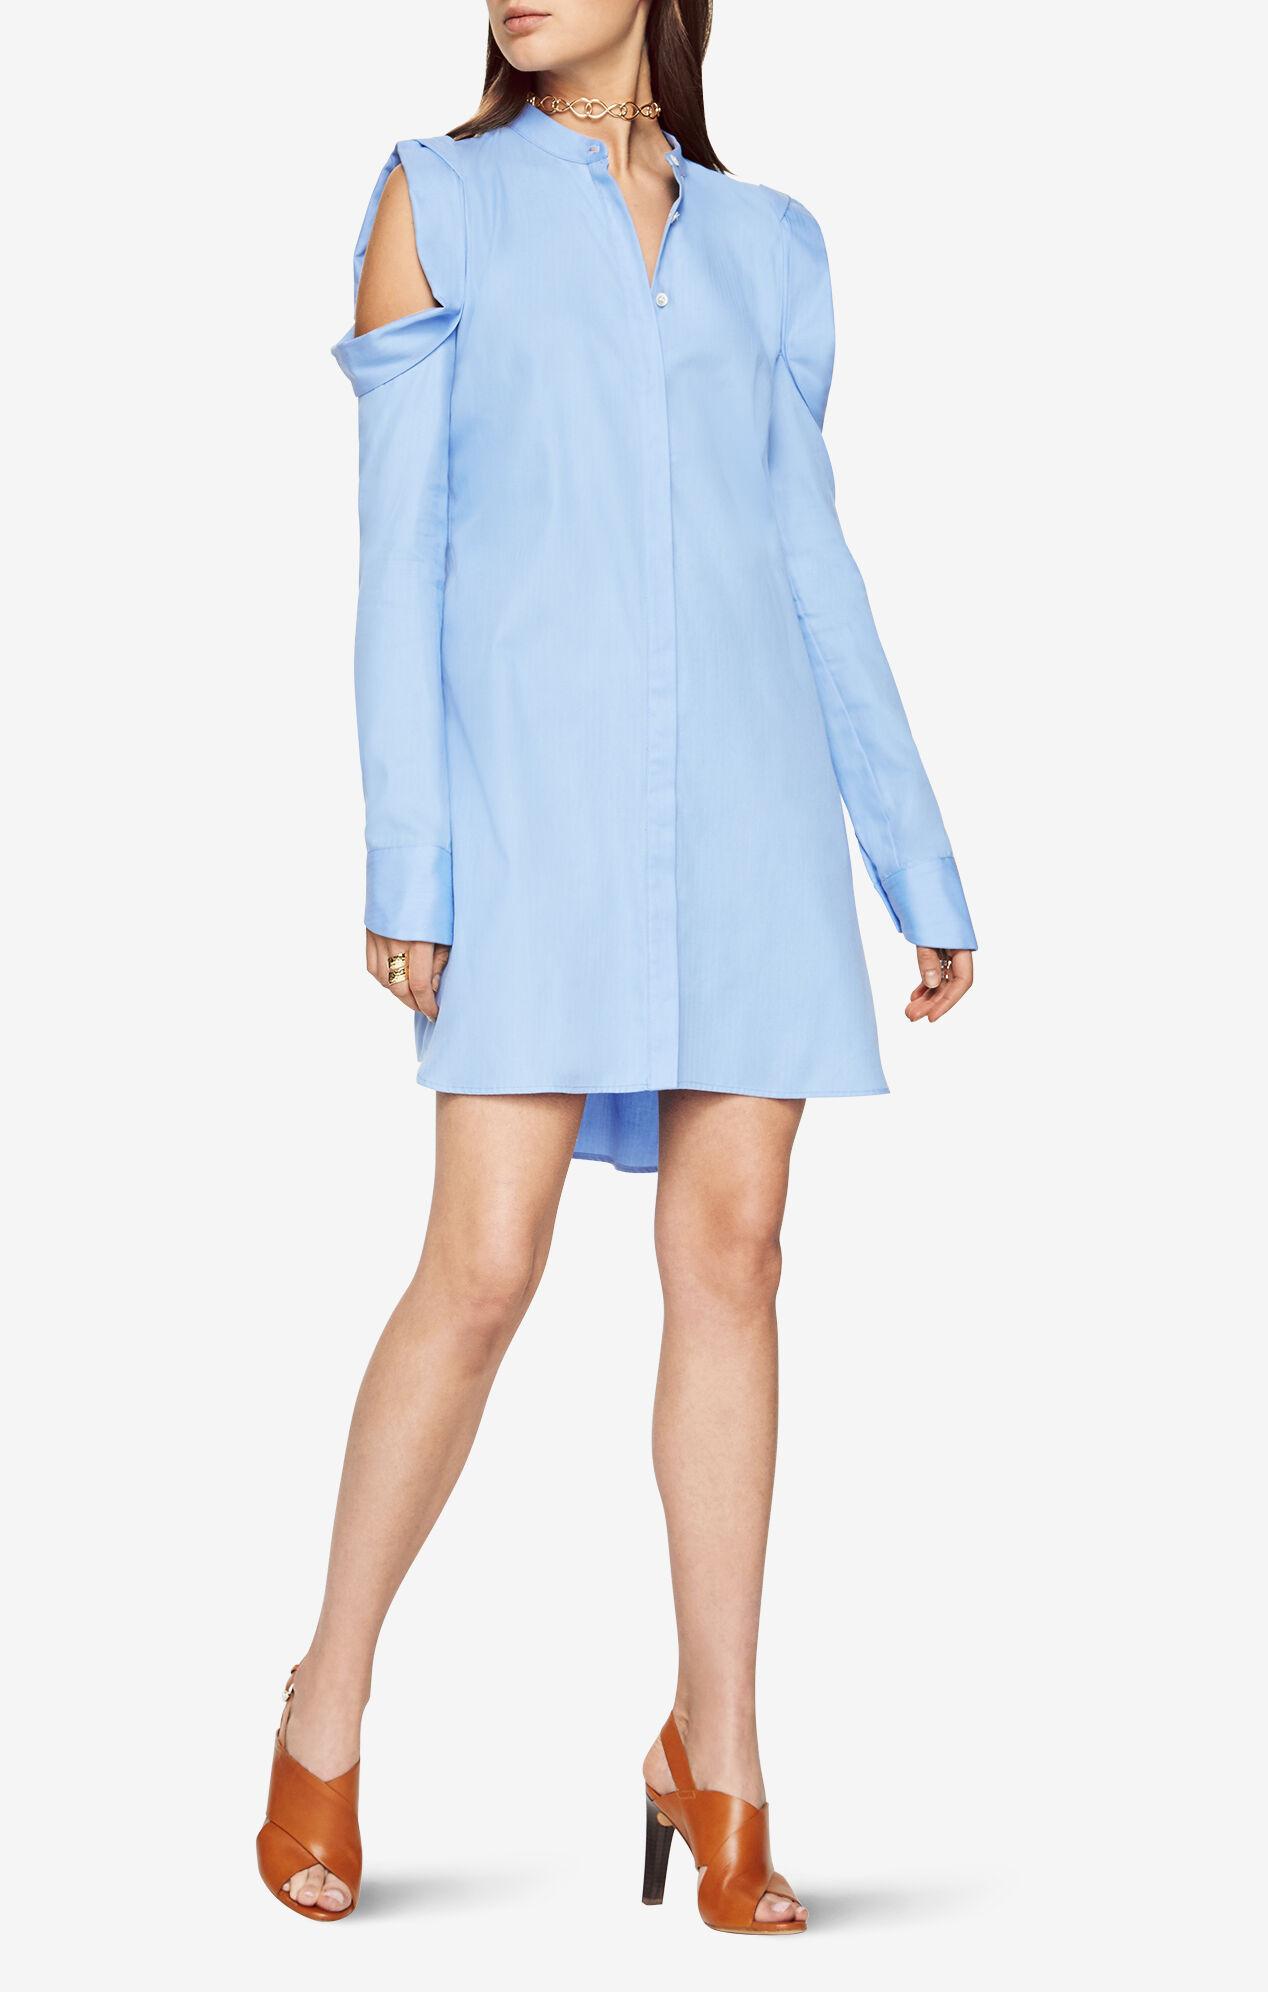 jessee cold shoulder shirt dress. Black Bedroom Furniture Sets. Home Design Ideas